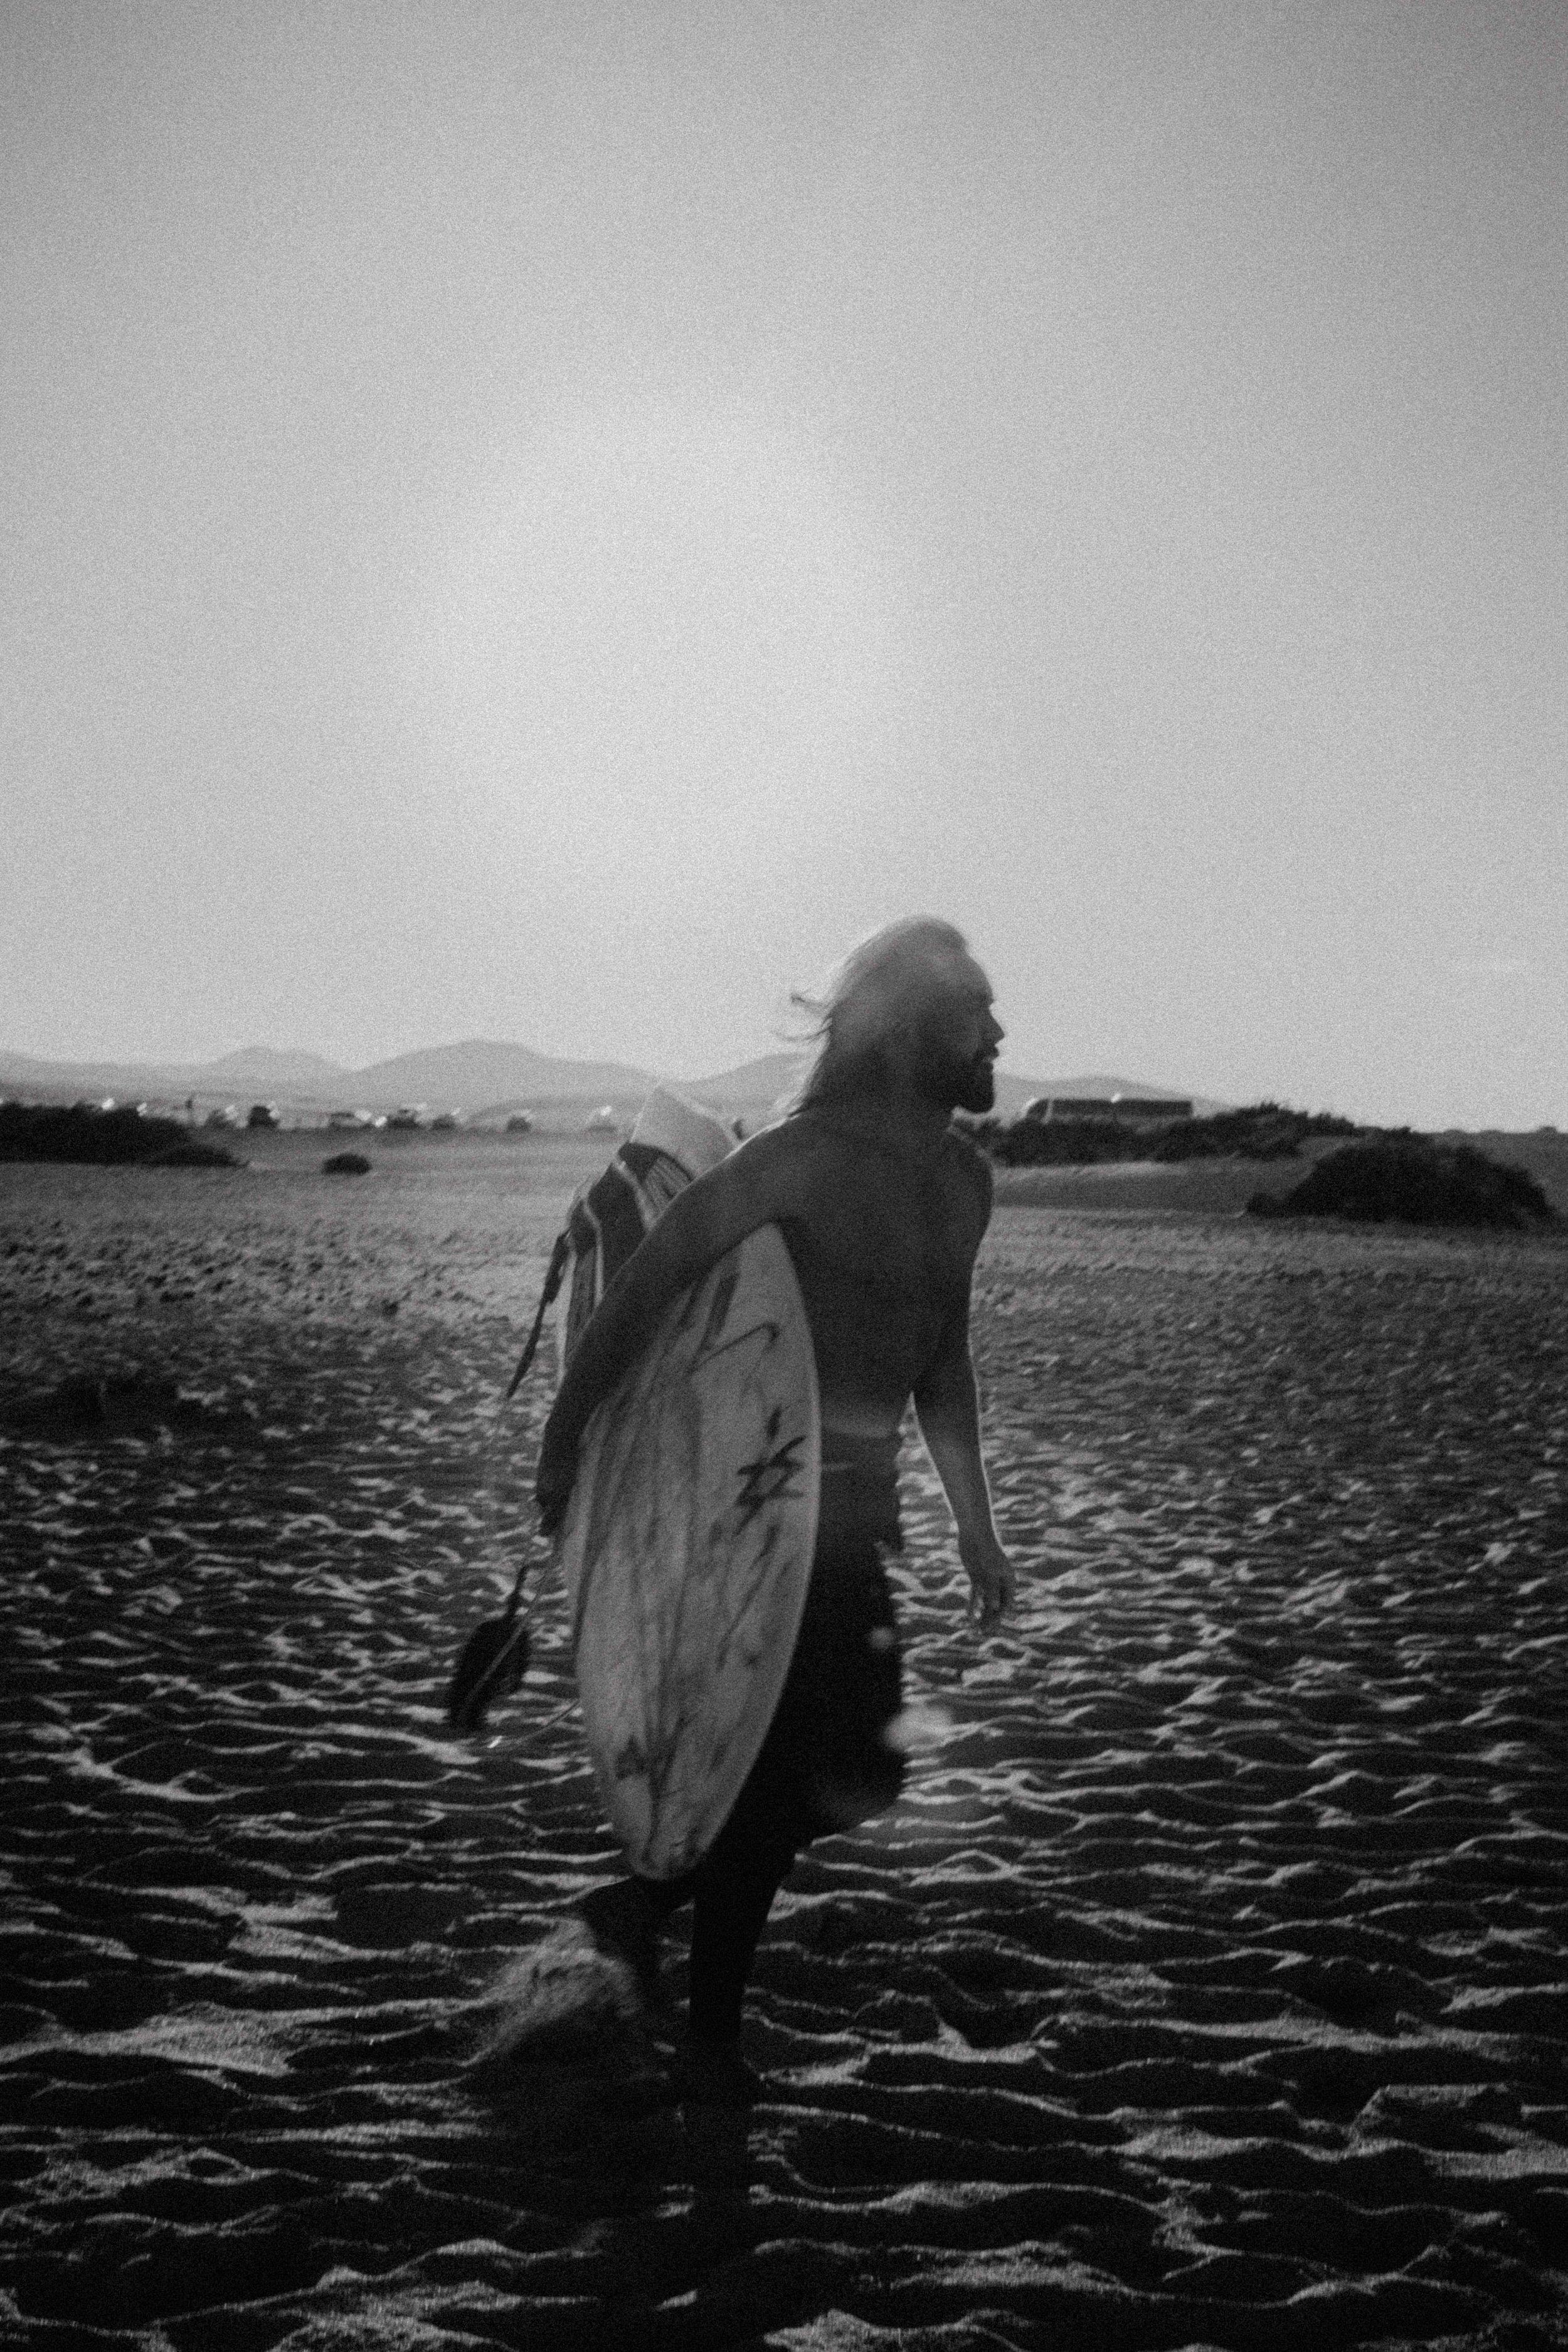 erik_winter_surf_surfing_1025.jpg